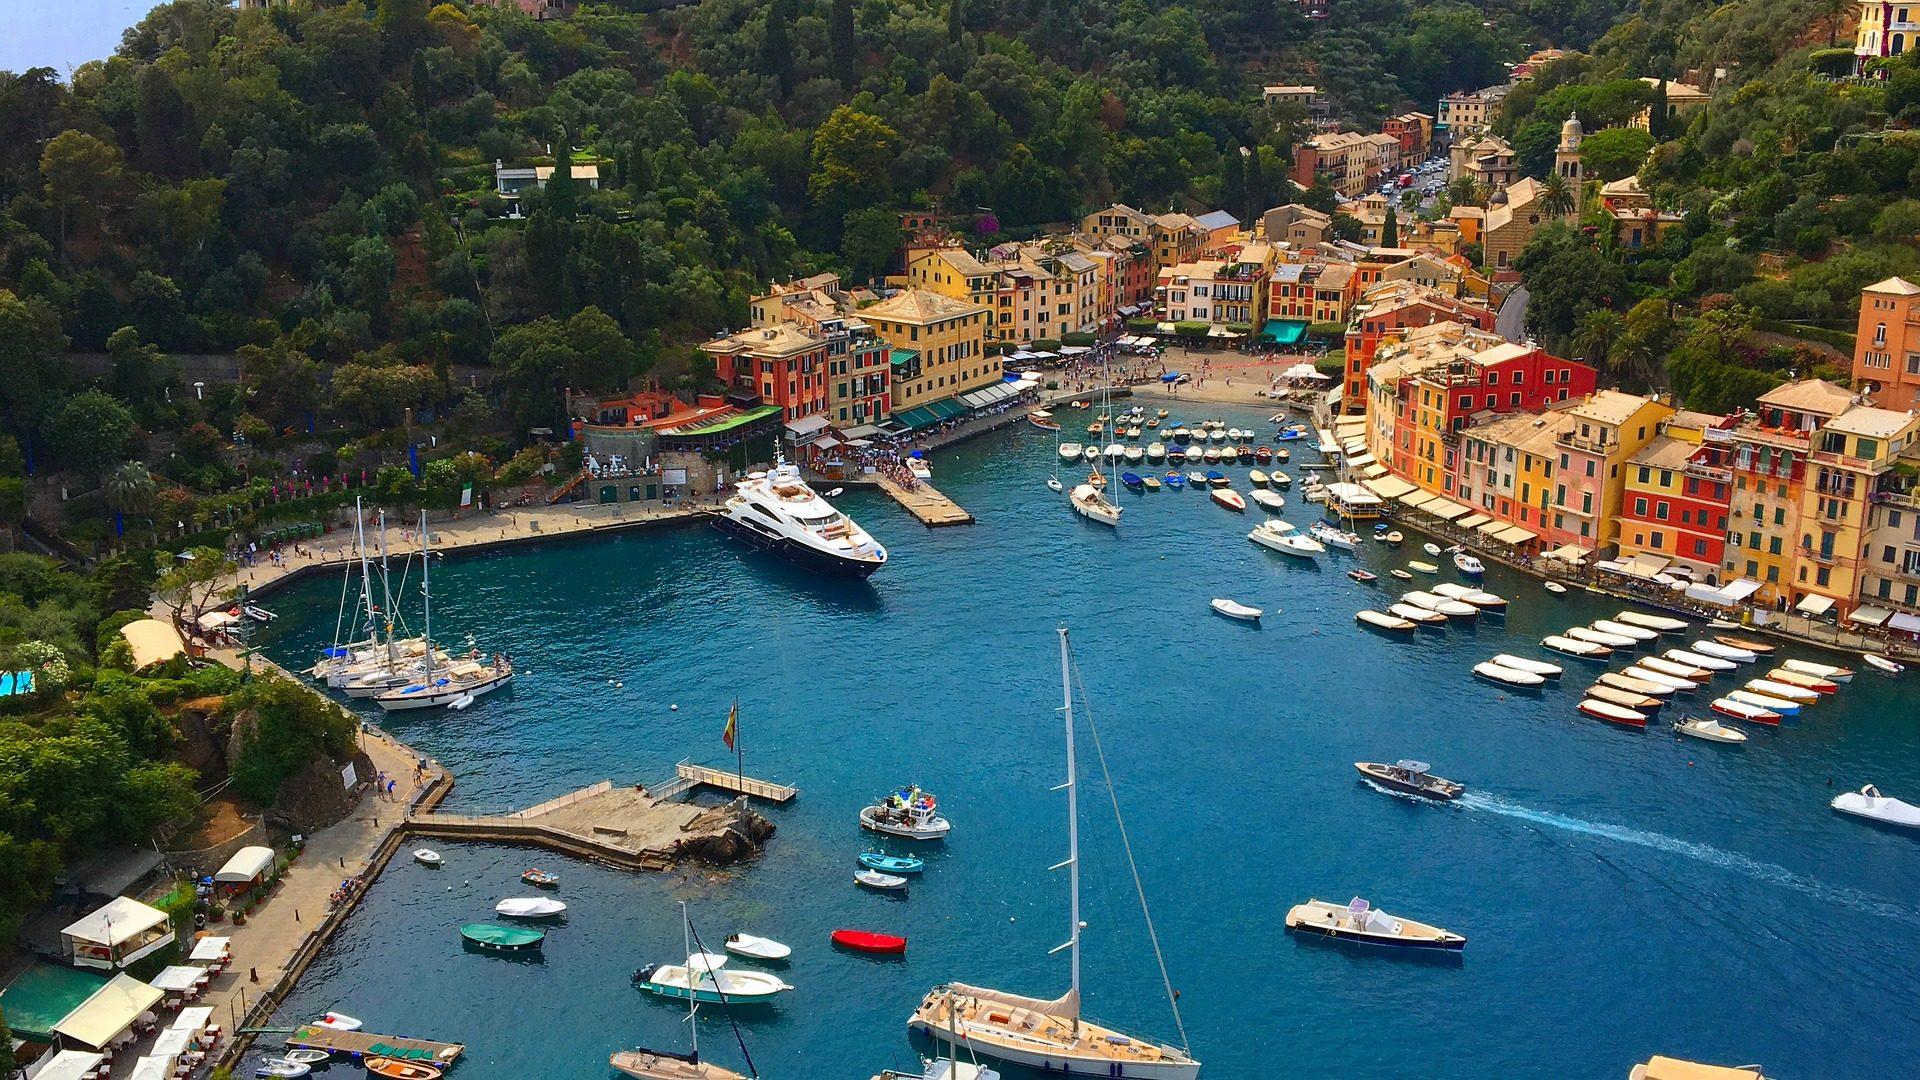 Barche, porta, Primavera, Villaggio, Mare, alberi - Sfondi HD - Professor-falken.com